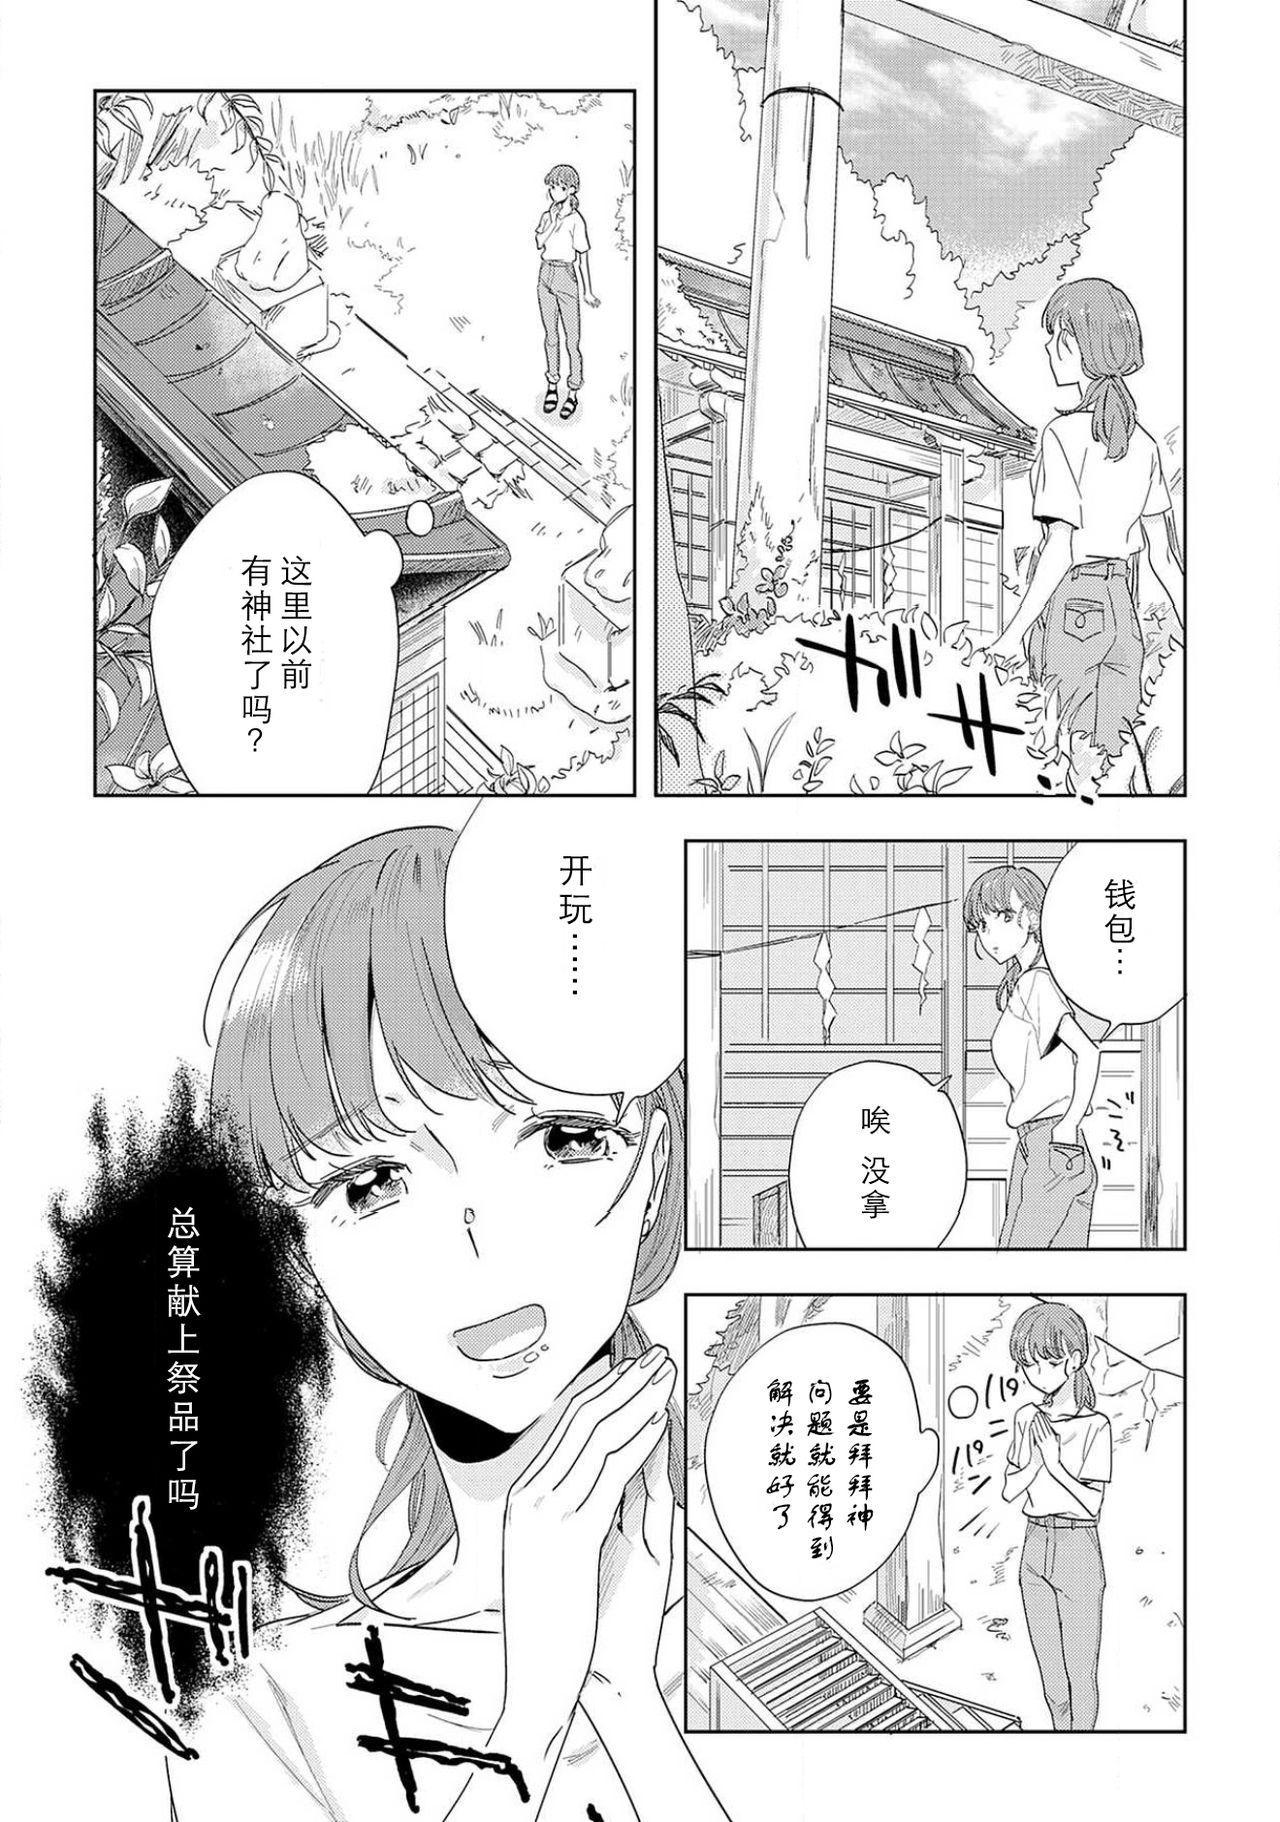 [Hachikawa Kyuu] Kami-sama to Ikenie H Keiyaku Shichaimashita | 我与神明大人签订了祭品H契约 1-3 [Chinese] [莉赛特汉化组] 5